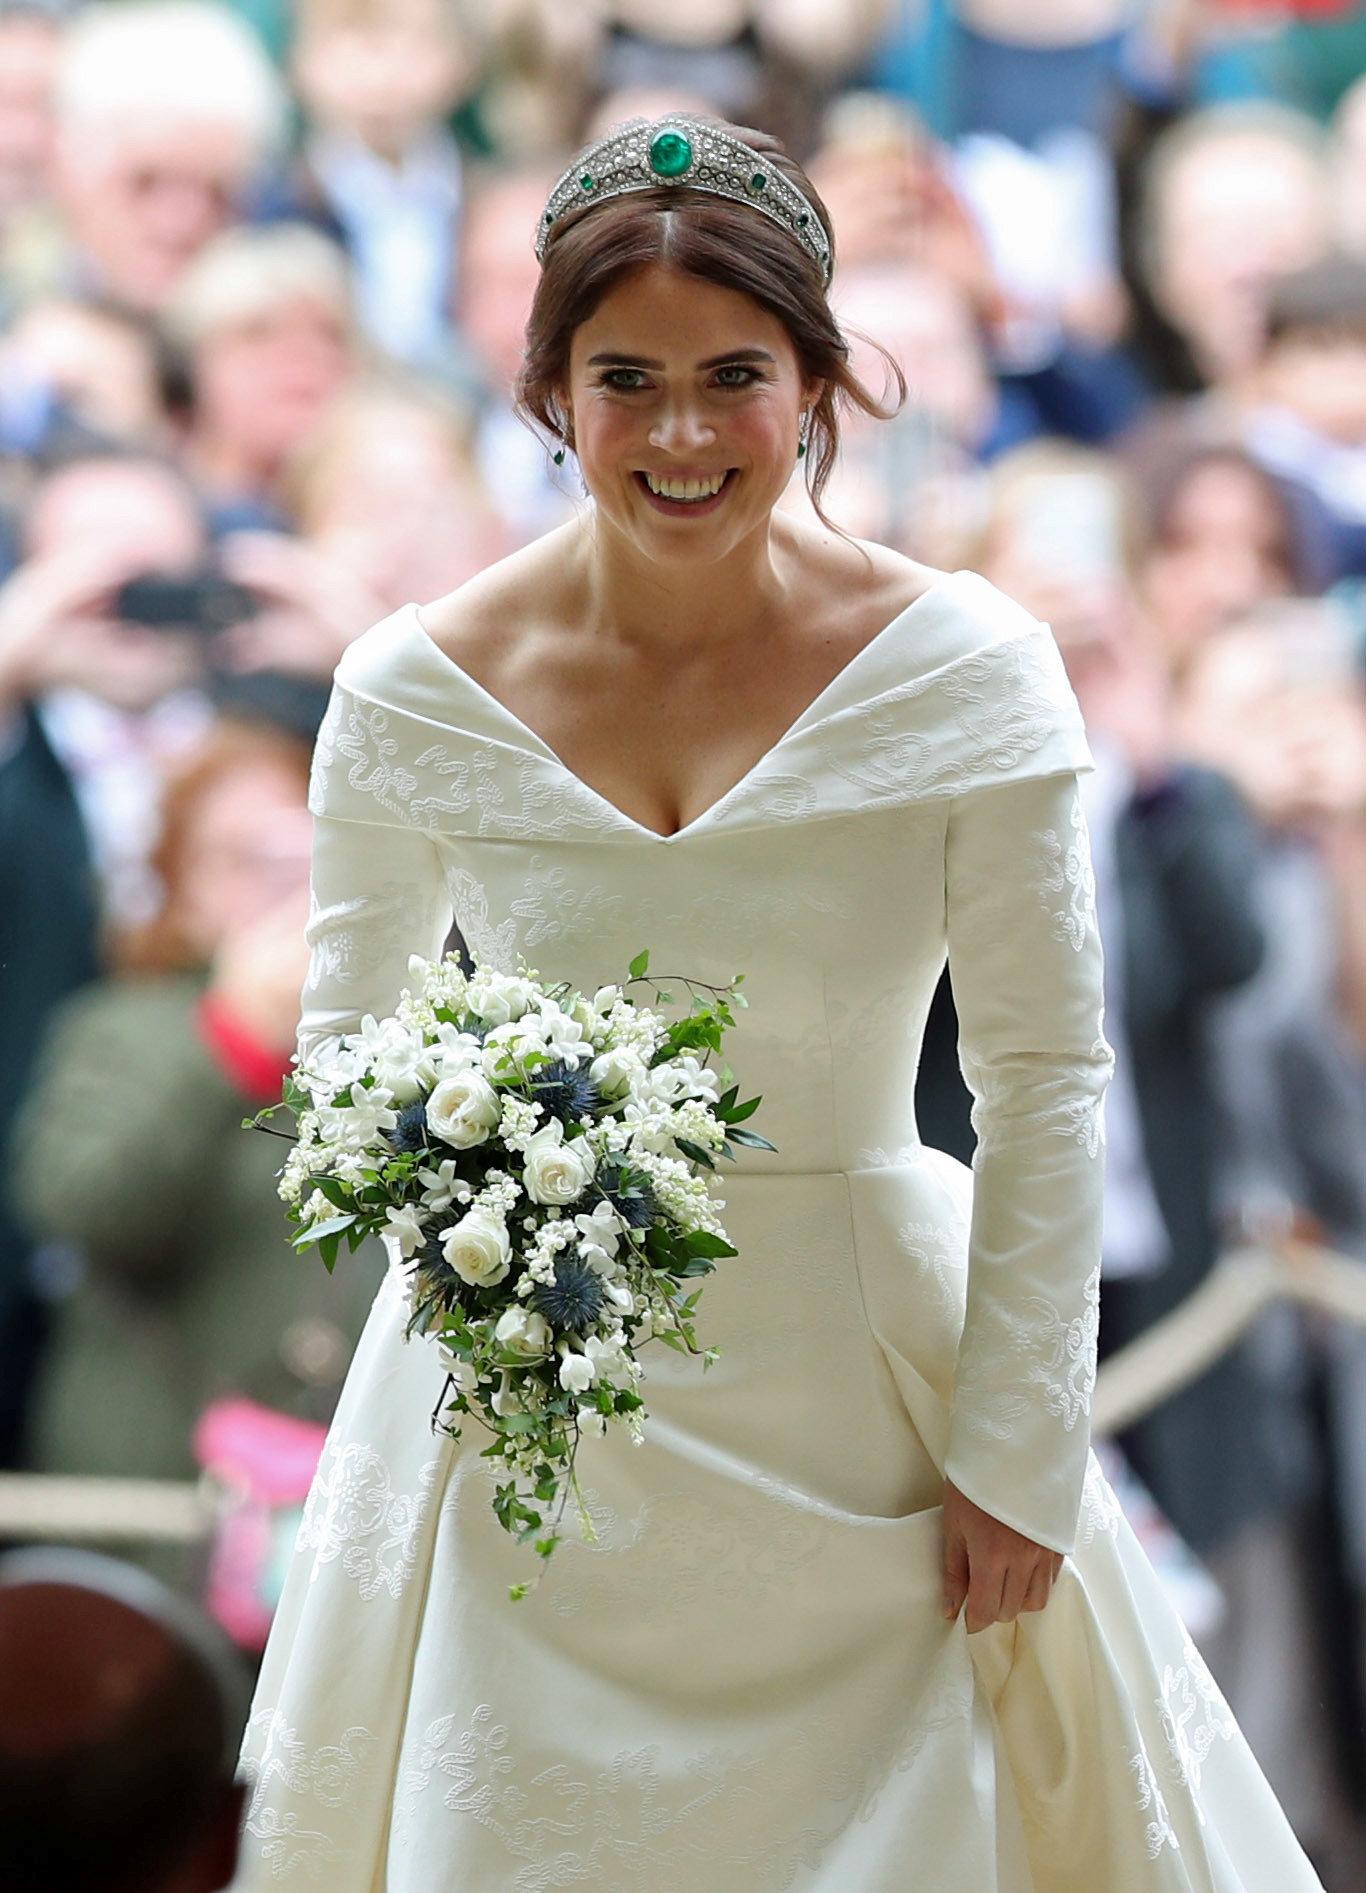 الأميرة يوجينى بفستان الزفاف